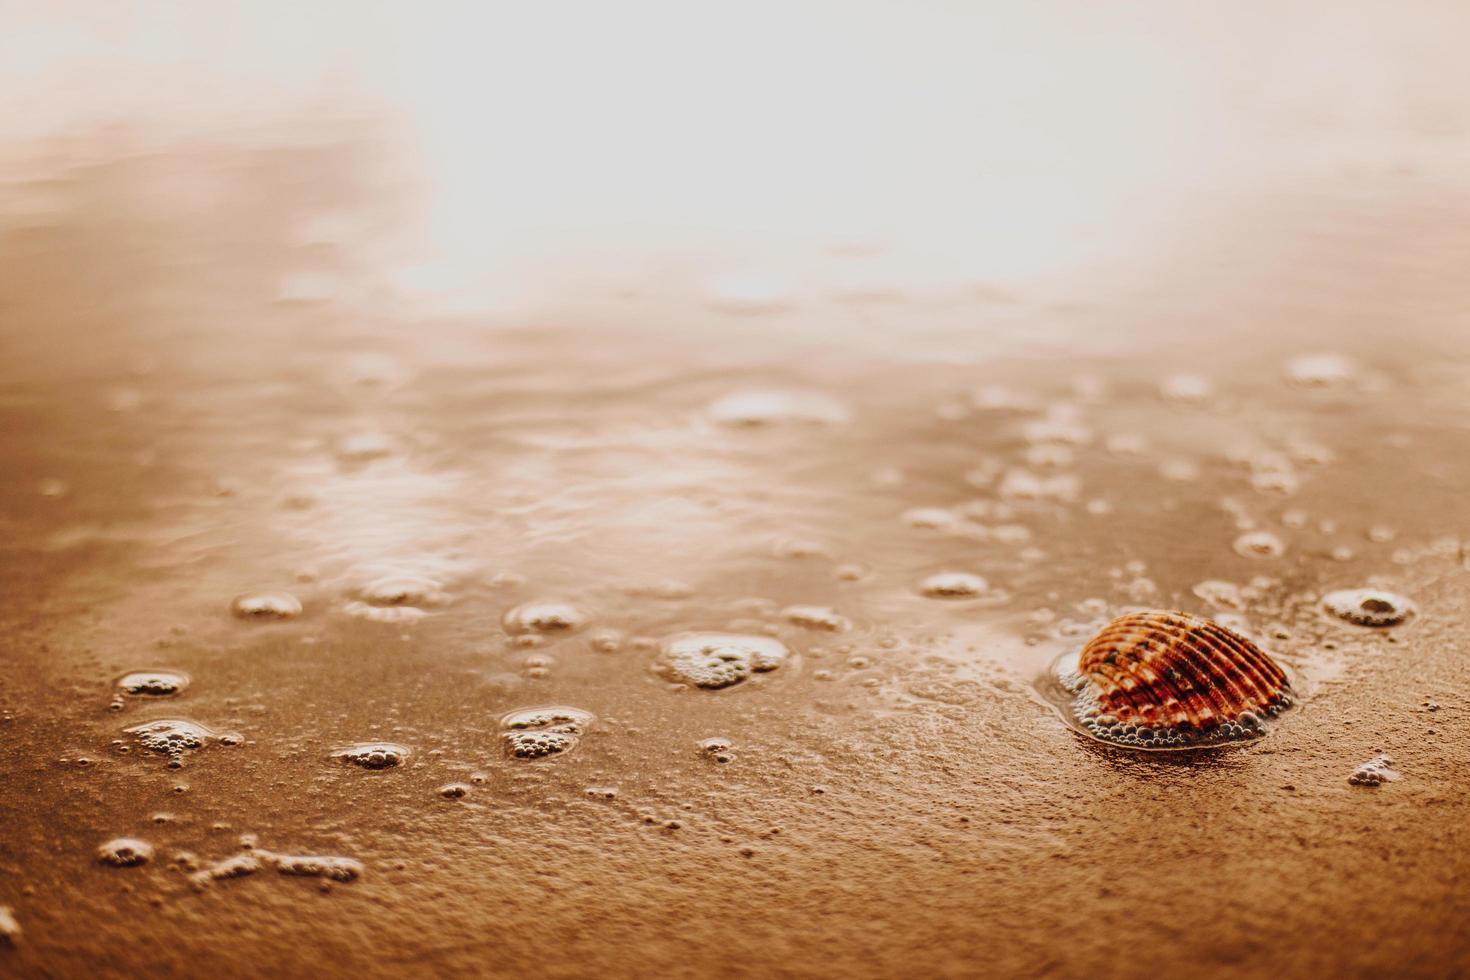 concha na areia marrom foto